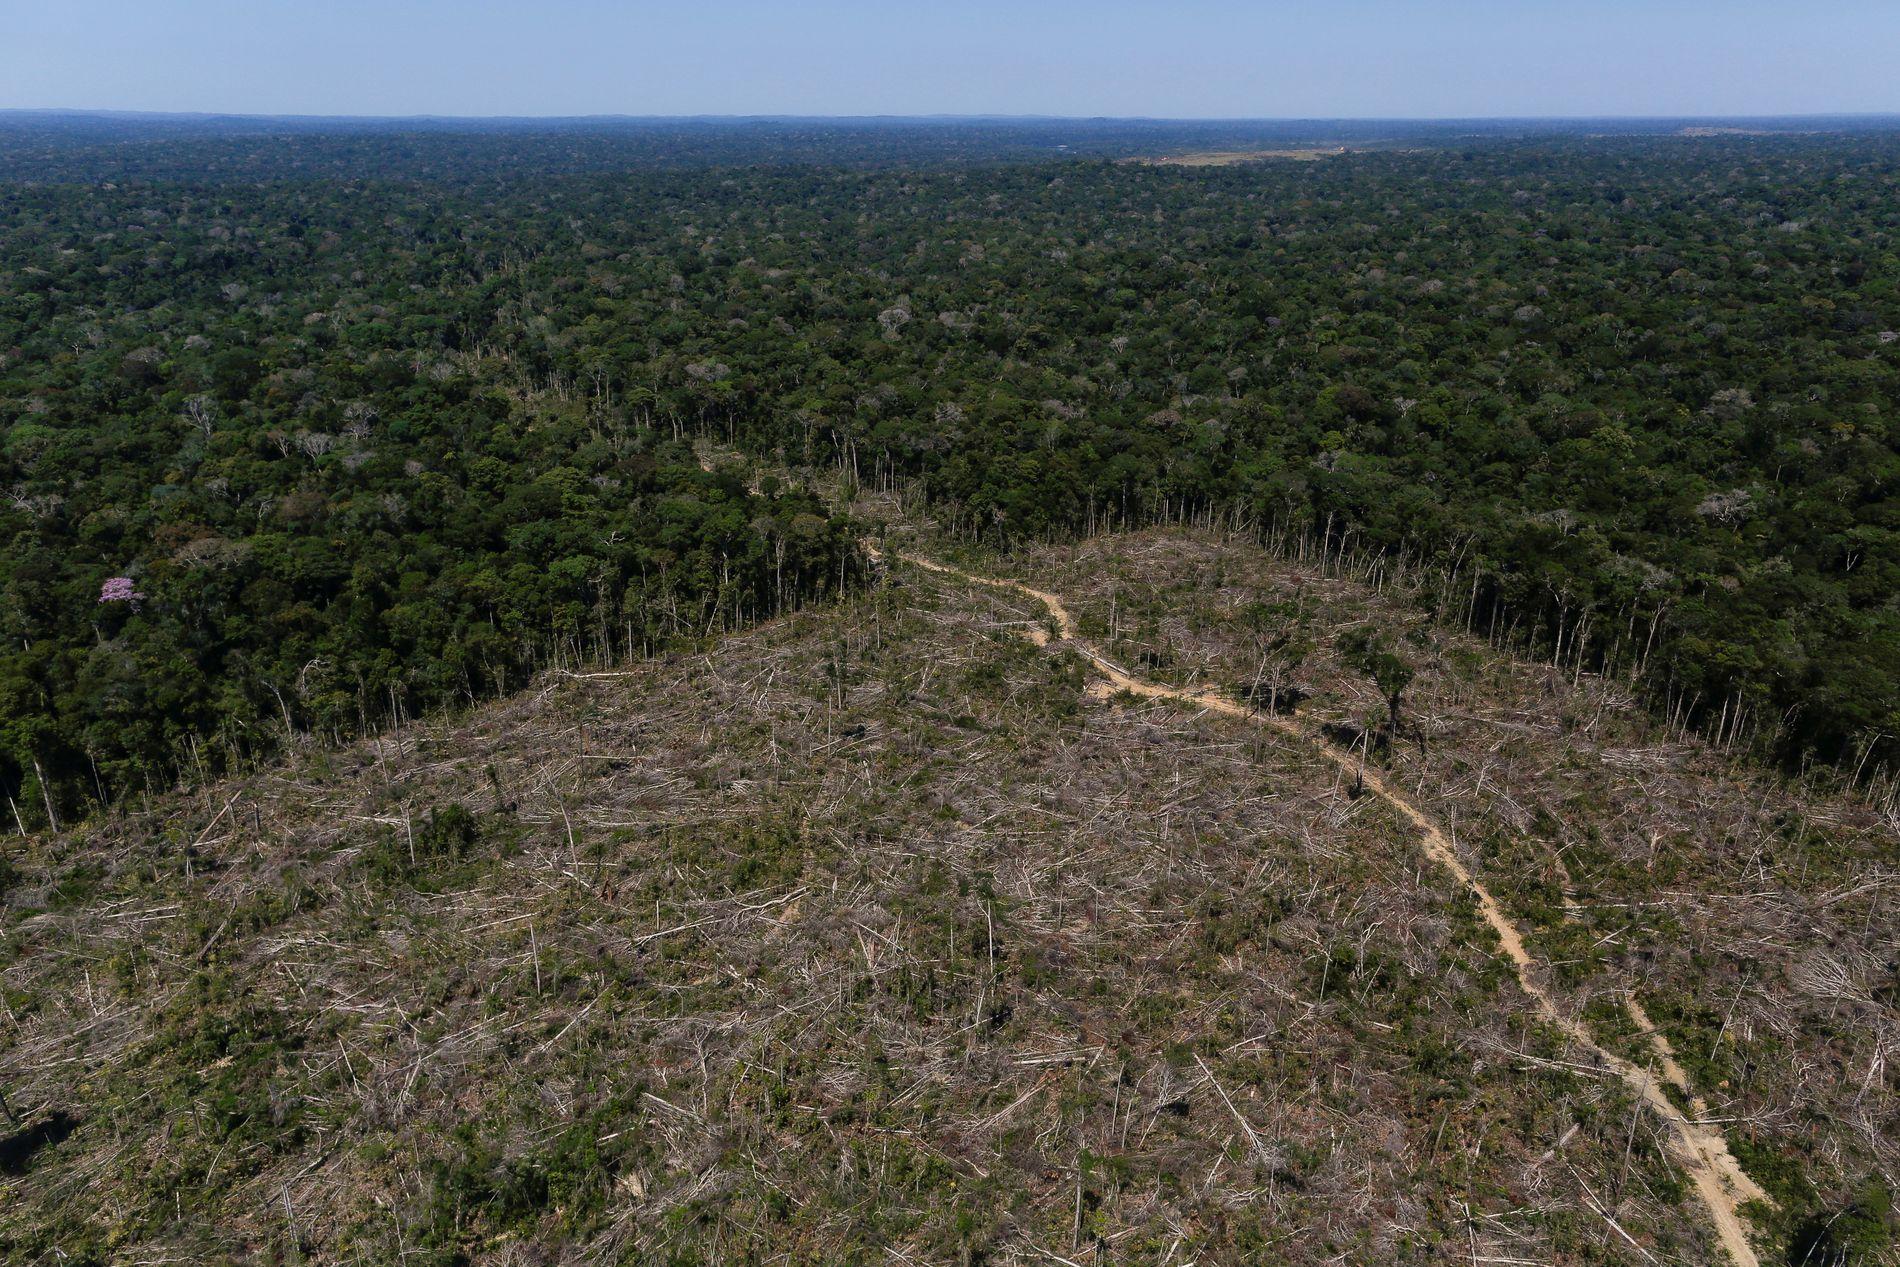 ALVORLIG TRUET: Et byområde på størrelse med en fotballbane forsvinner fra Amazonas hvert eneste minutt.